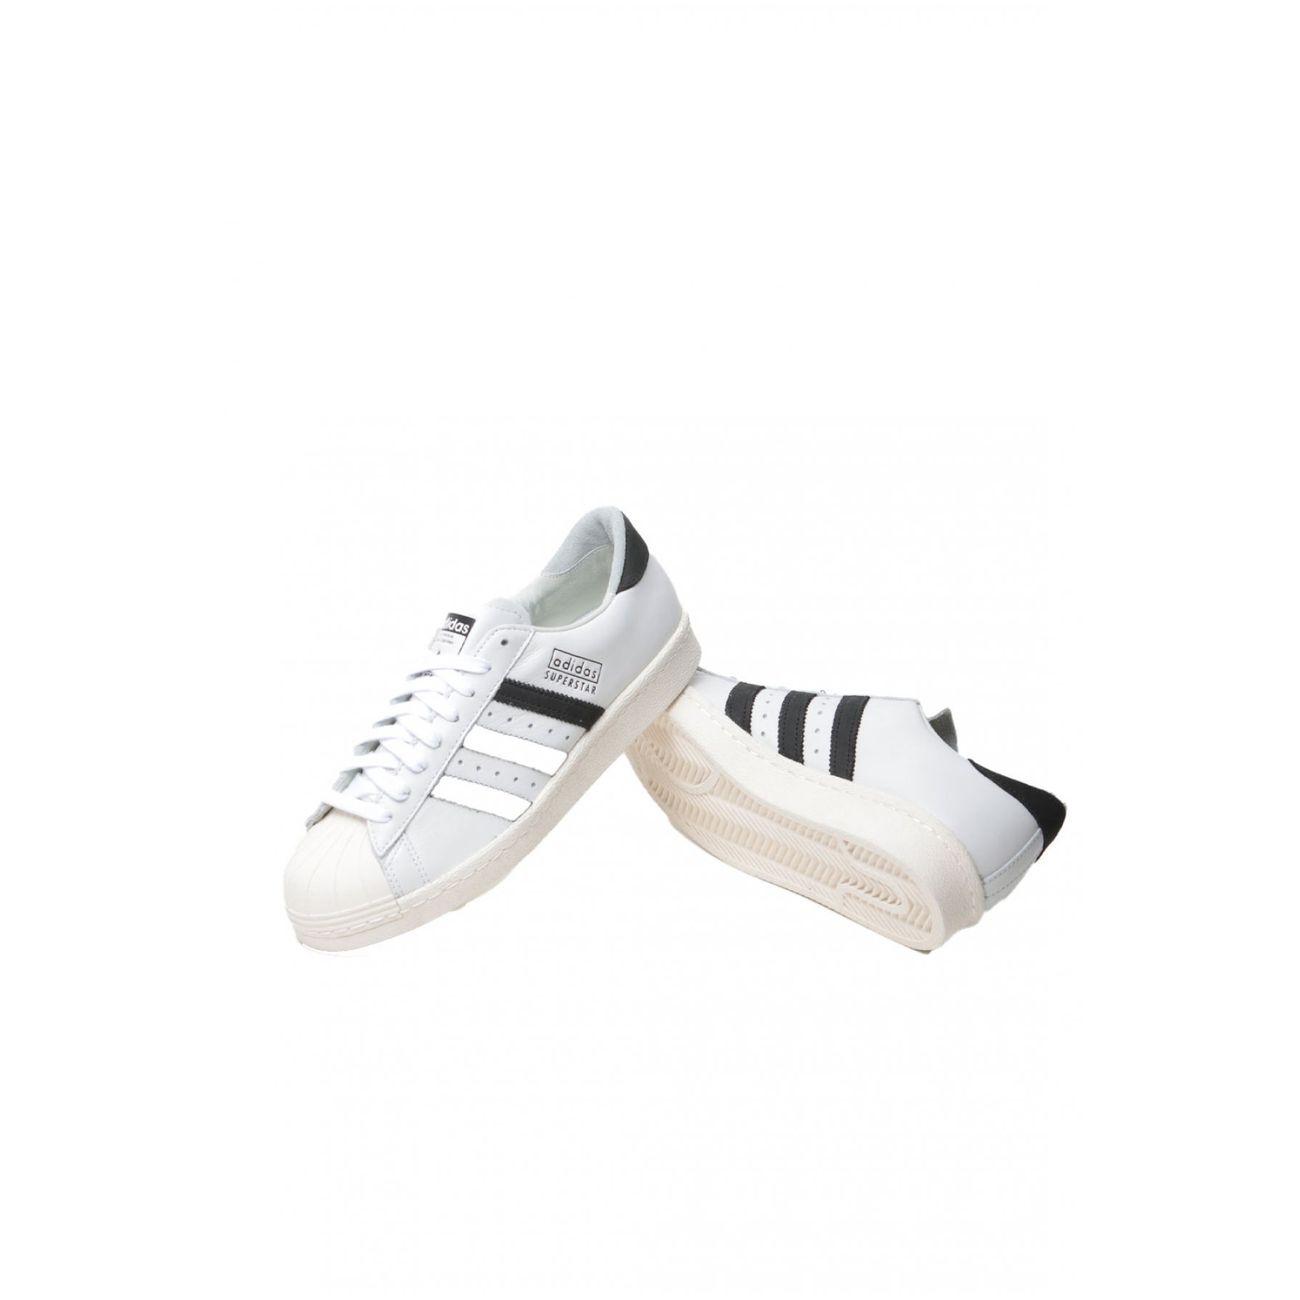 homme ADIDAS Sneakers en cuir Superstar - Adidas - Homme